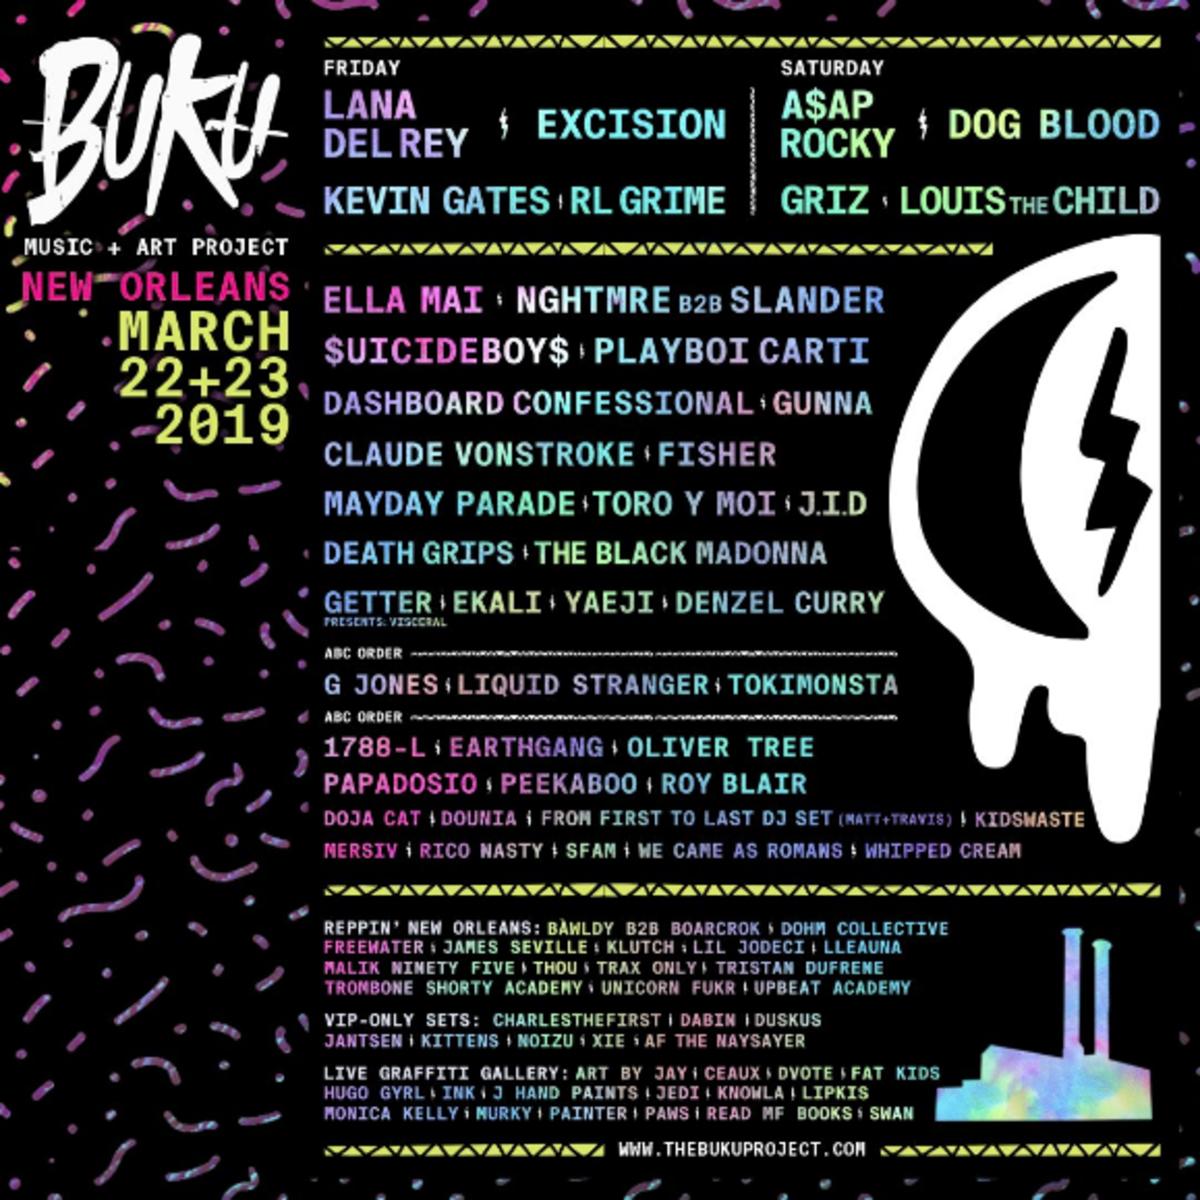 Buku Music + Art Project 2019 Lineup.